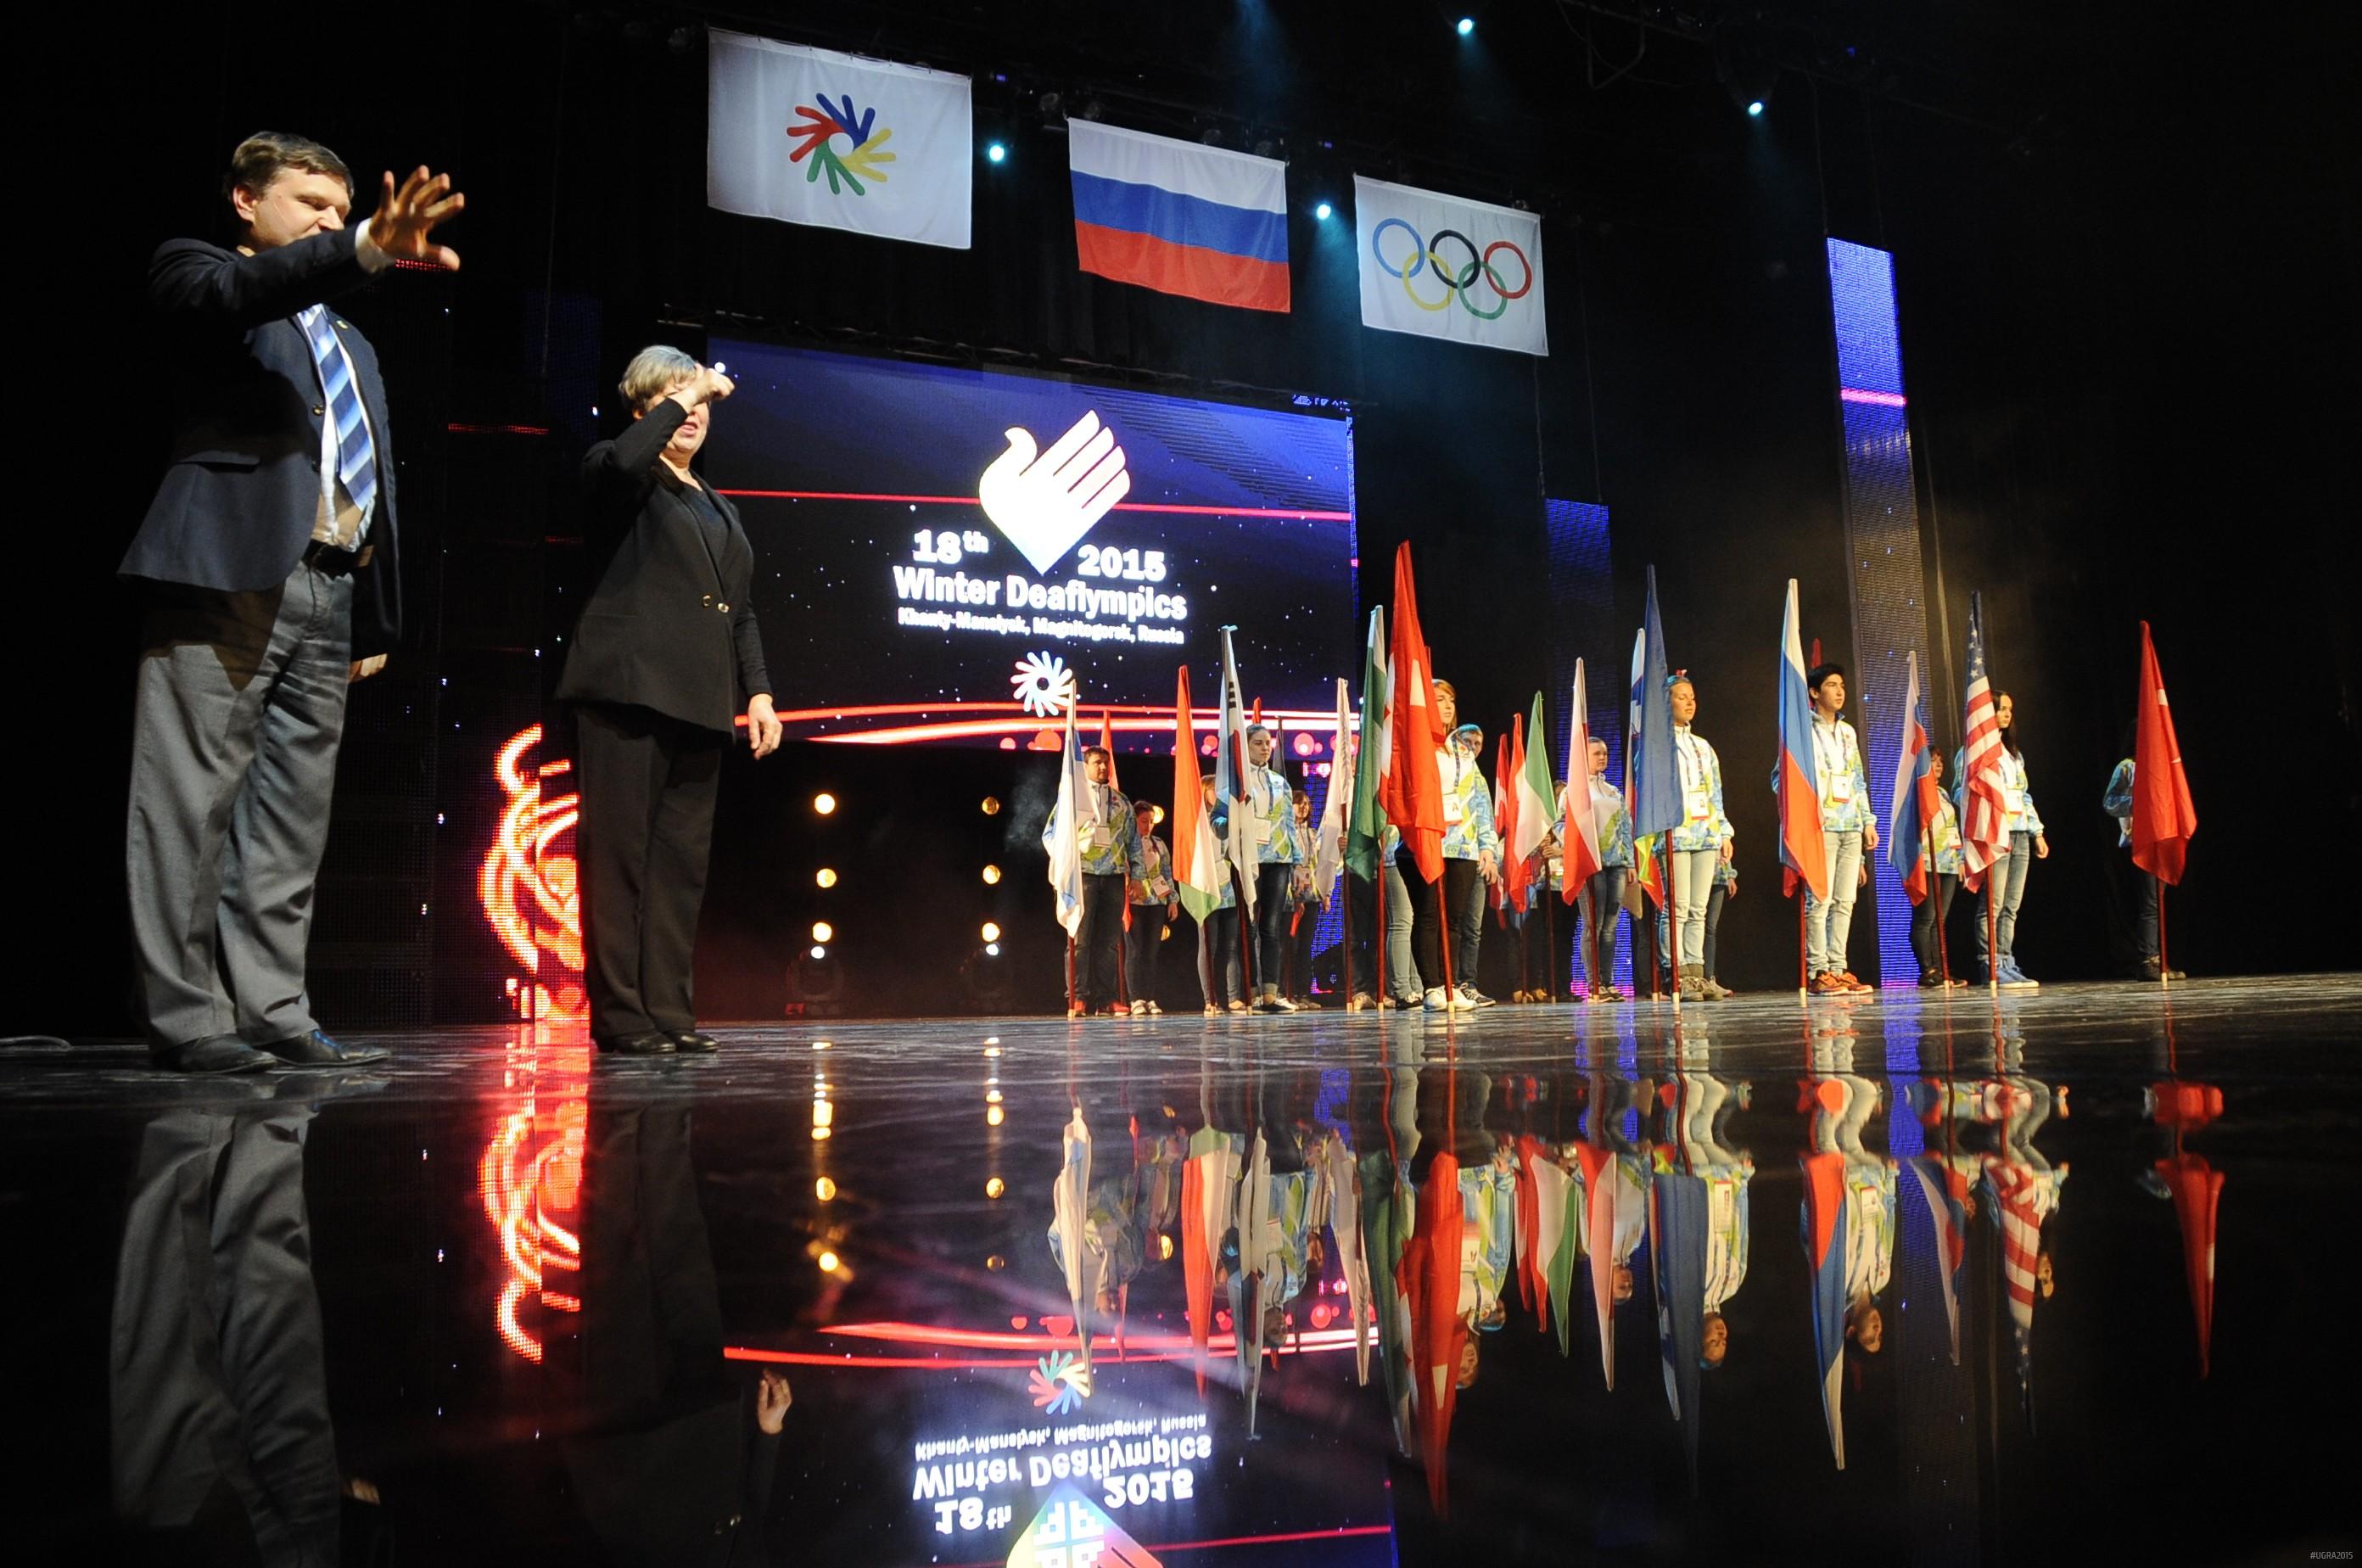 Церемония закрытия Сурдлимпийских игр 2015 года в Ханты-Мансийске